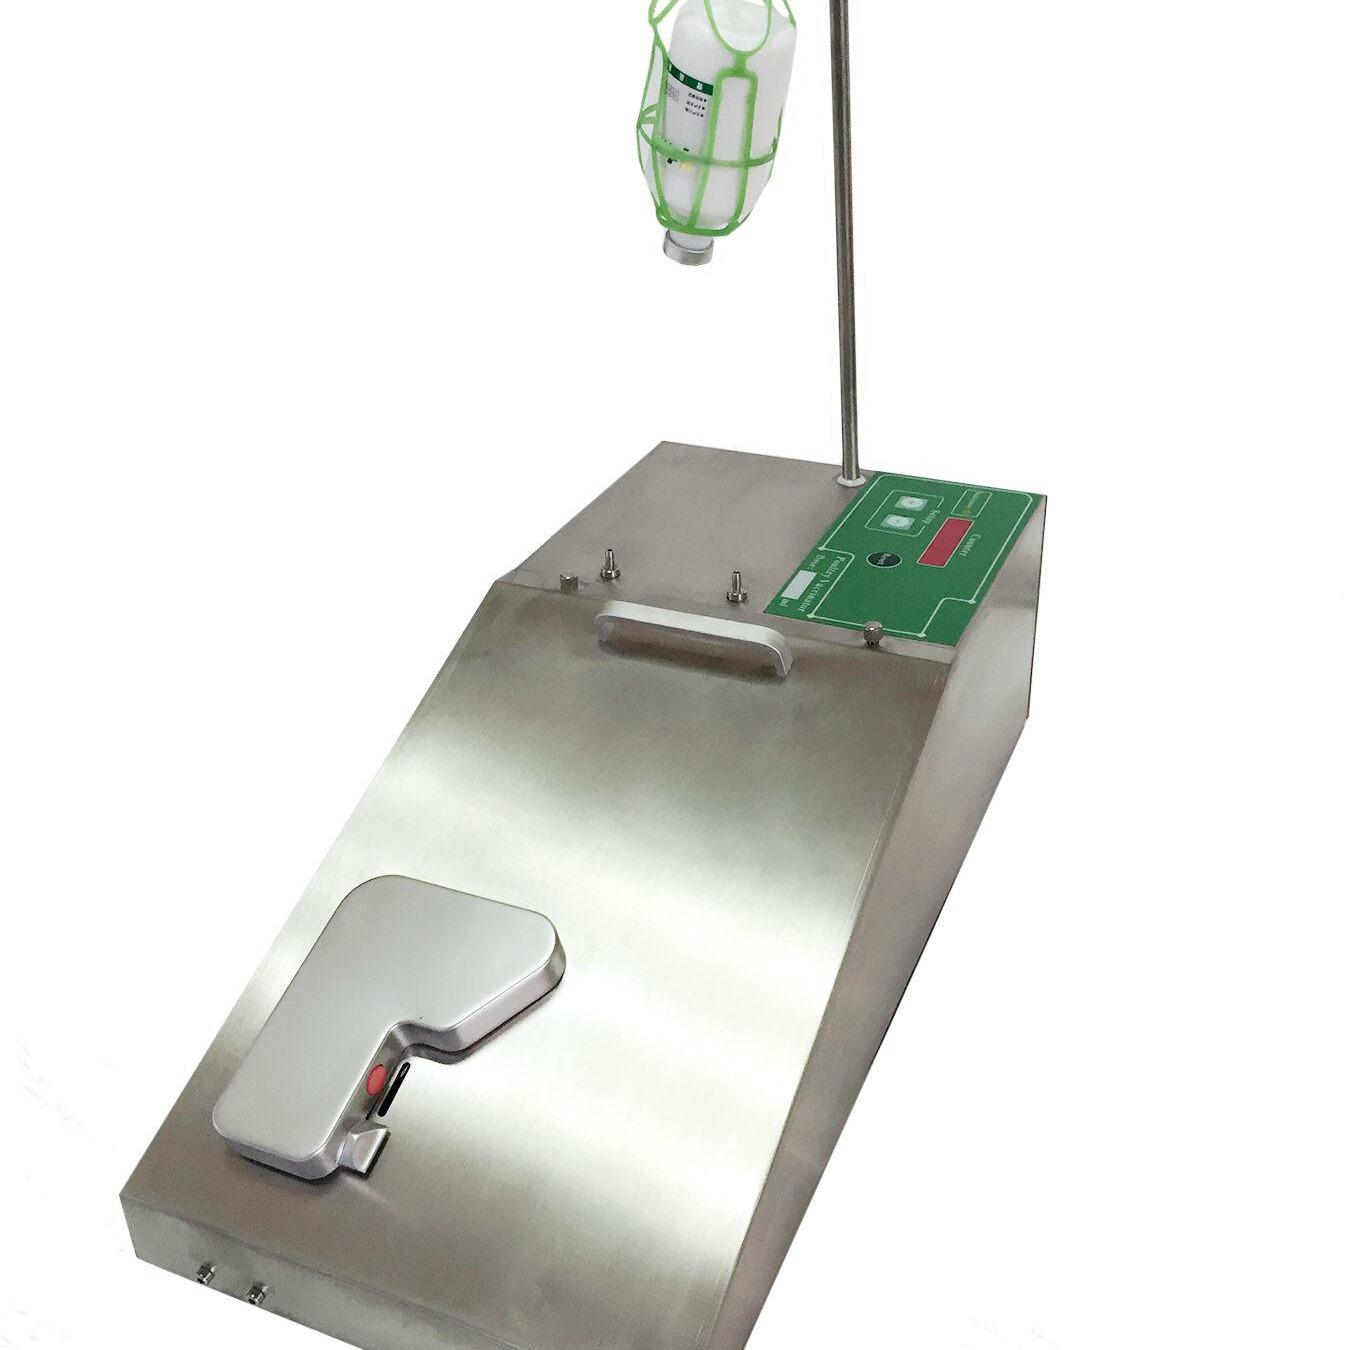 禽用單針雙液自動注射儀廠家生產供應